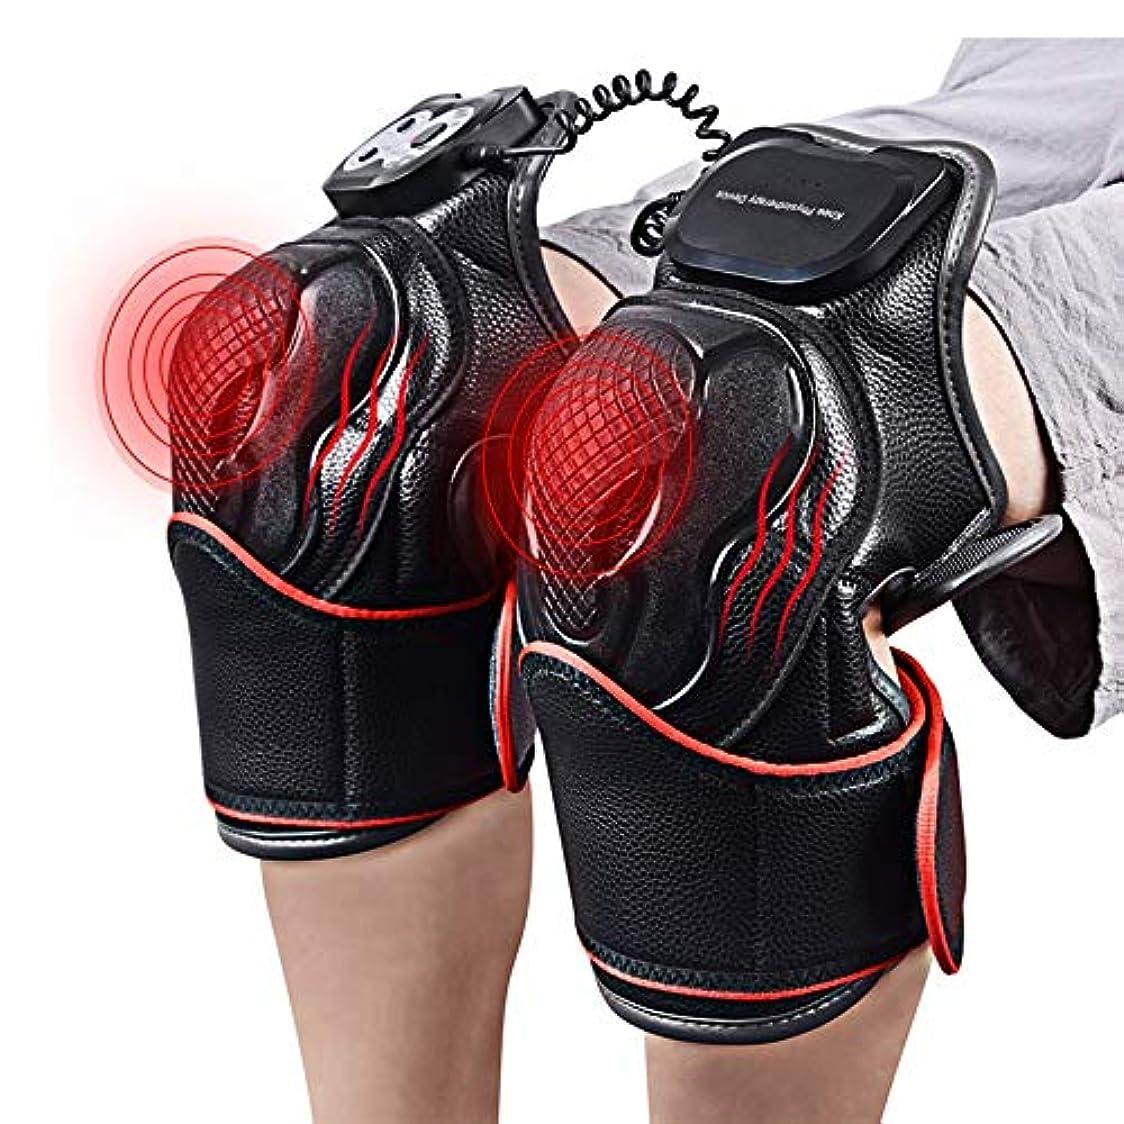 爆発セグメントプラス膝のマッサージ器の熱療法の覆いの振動マッサージの電気家のオフィスの使用のために適した家族のための大きいギフト